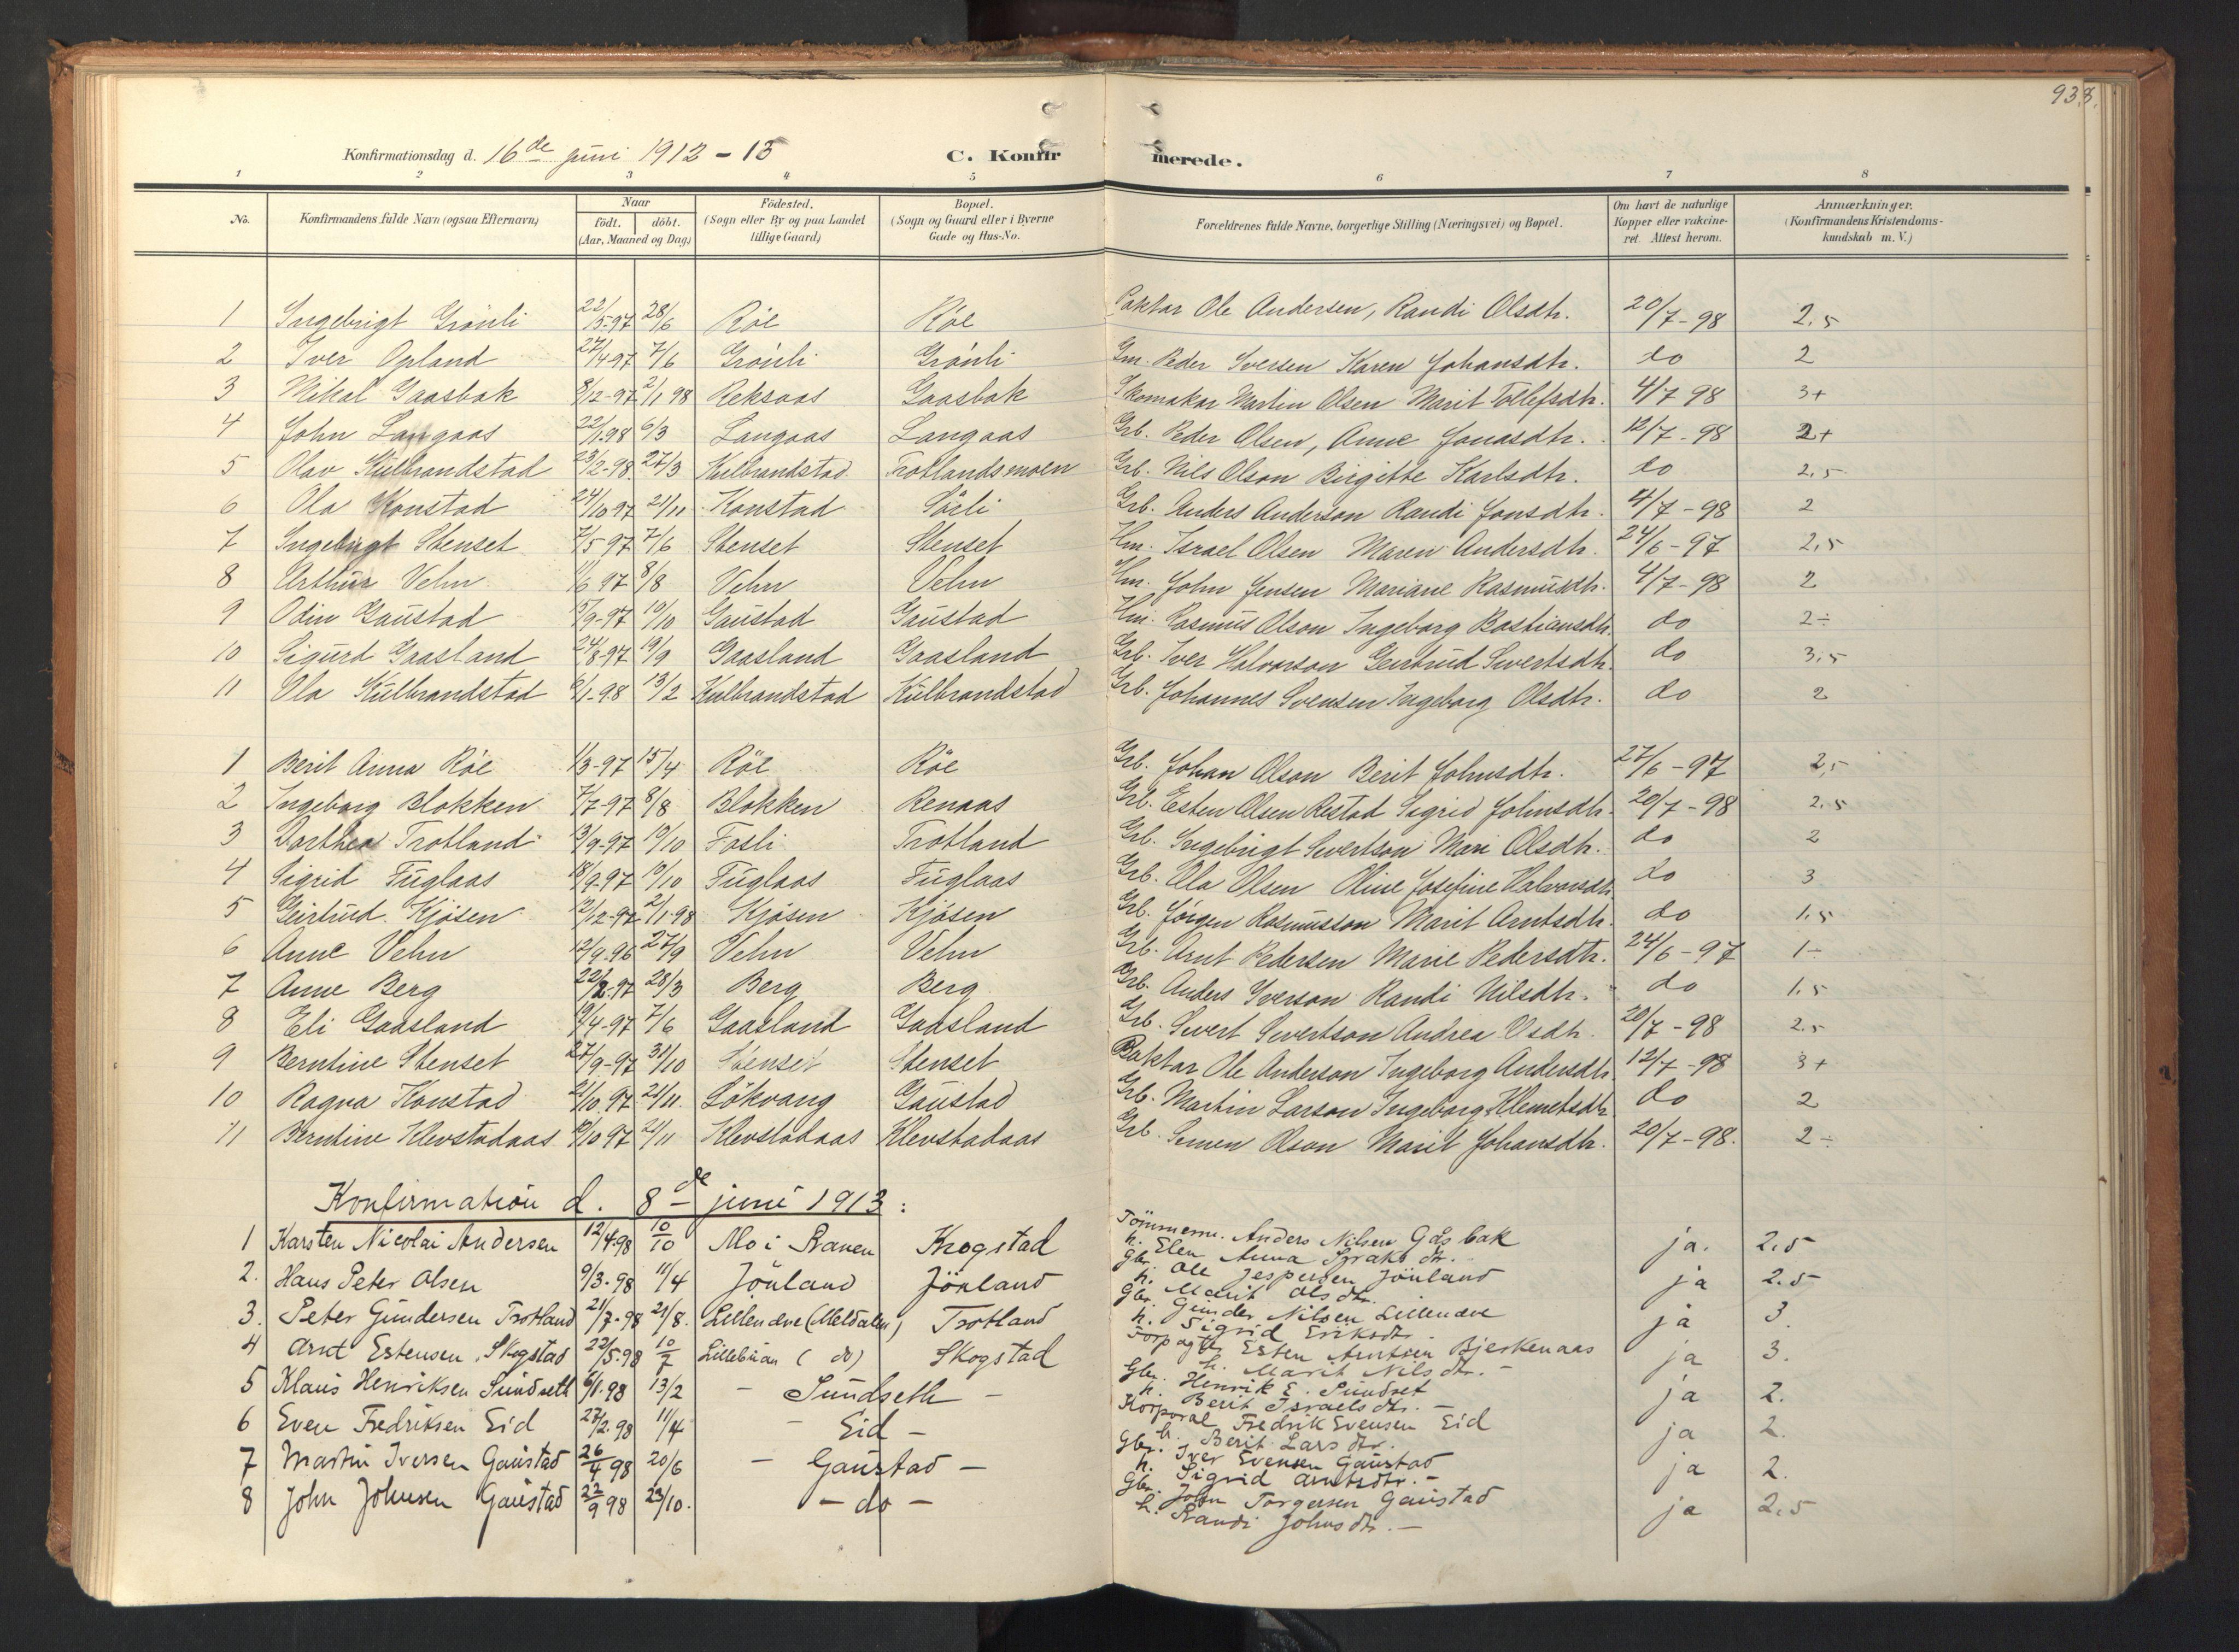 SAT, Ministerialprotokoller, klokkerbøker og fødselsregistre - Sør-Trøndelag, 694/L1128: Ministerialbok nr. 694A02, 1906-1931, s. 93